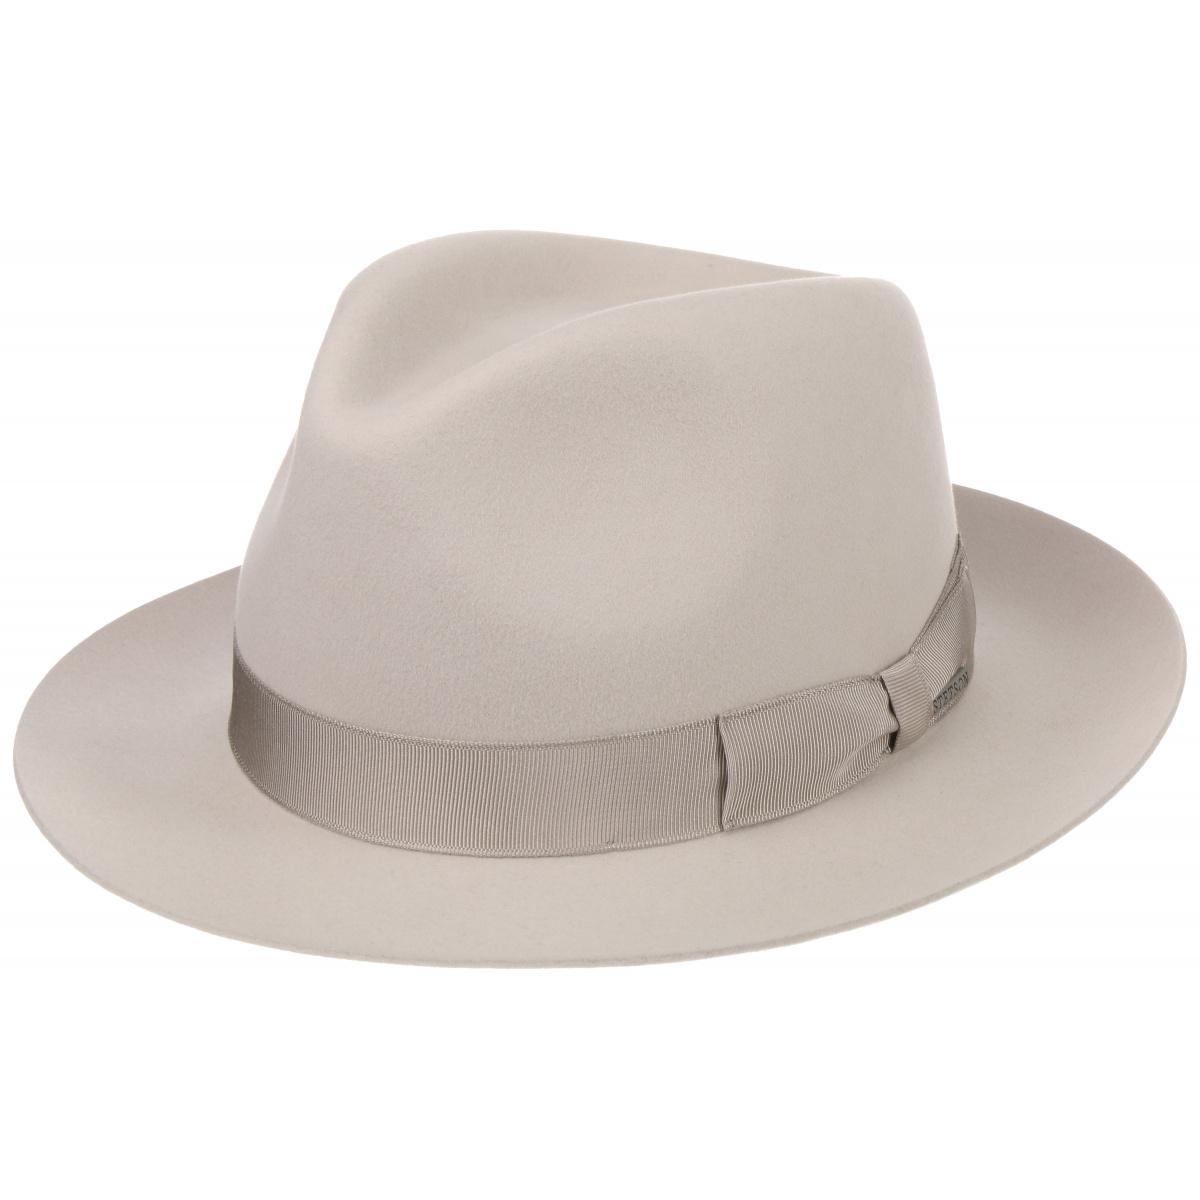 Hologramme dor/é et argent/é Unisexe Chapeau holographique en PVC m/étallis/é brillant BFD Pour homme et femme Taille unique